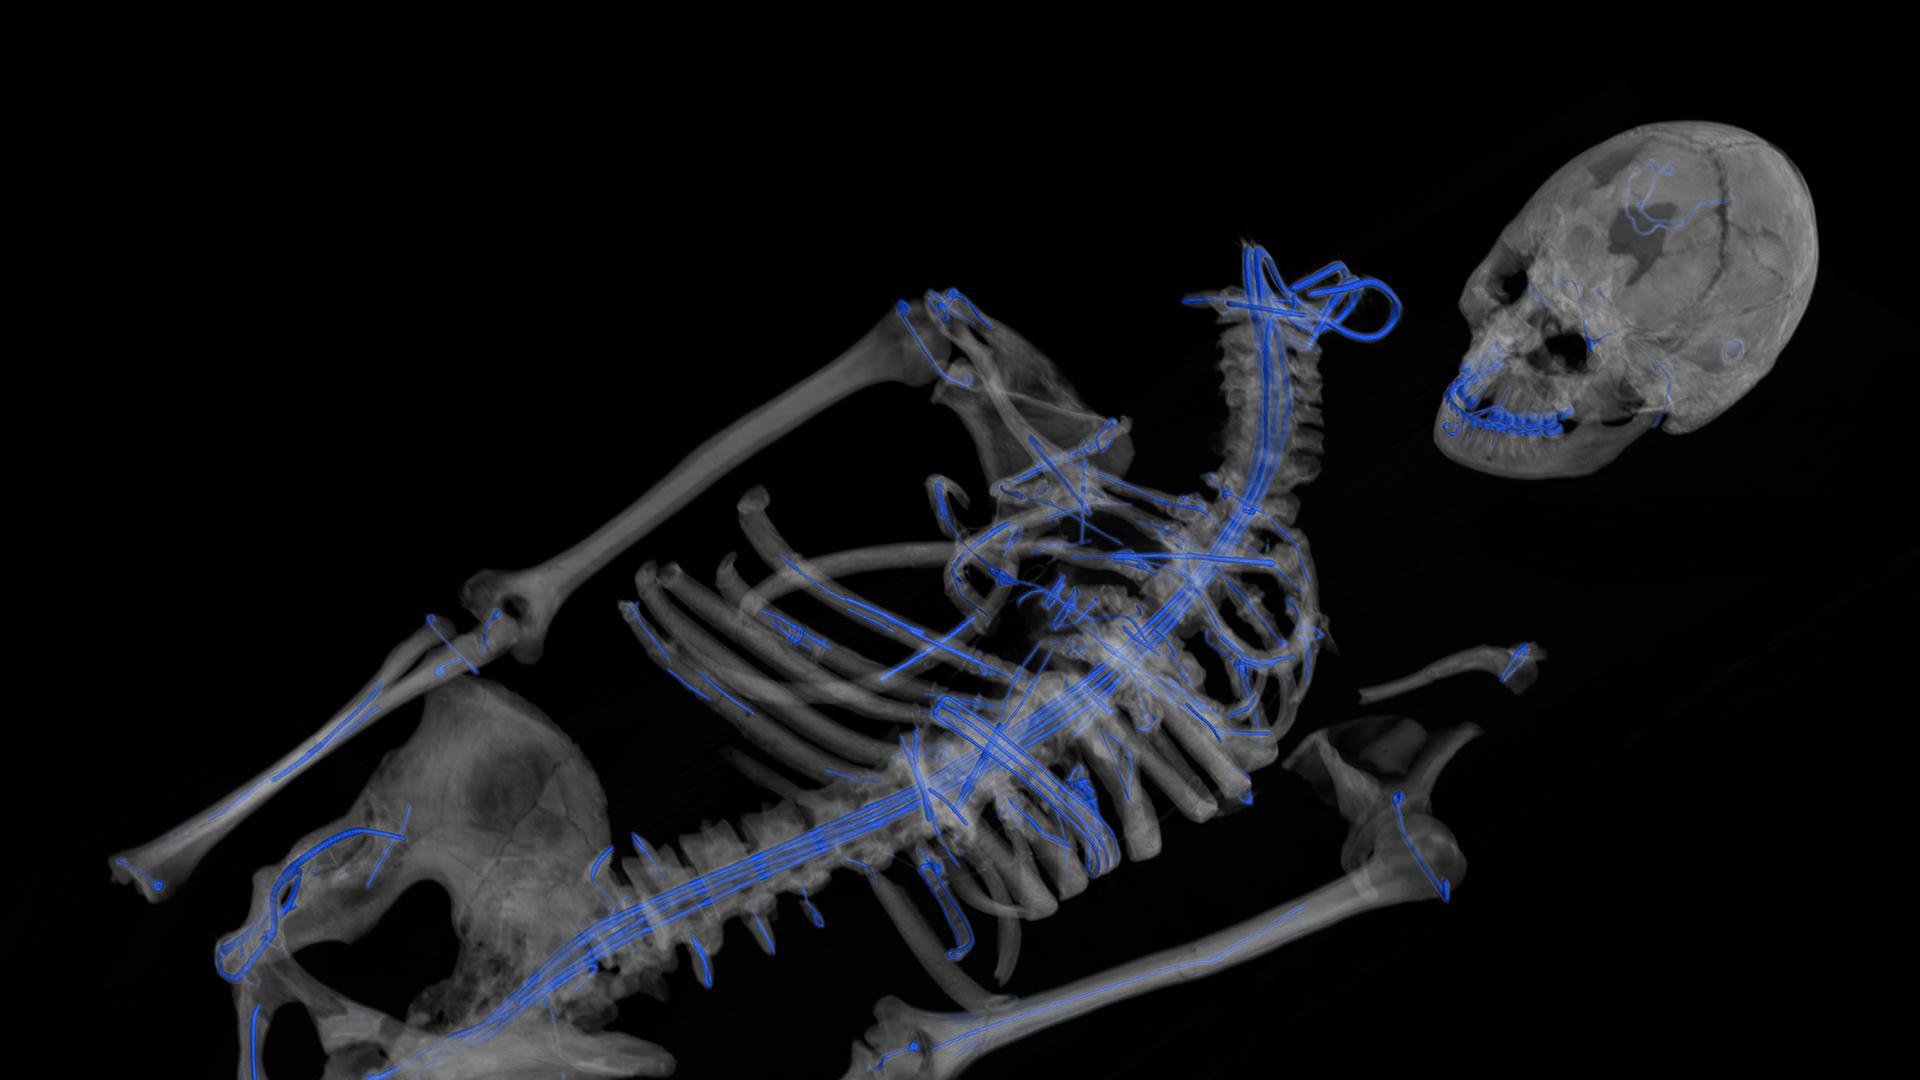 Sépulture de Téviec - Tomographie rayons X - 3D